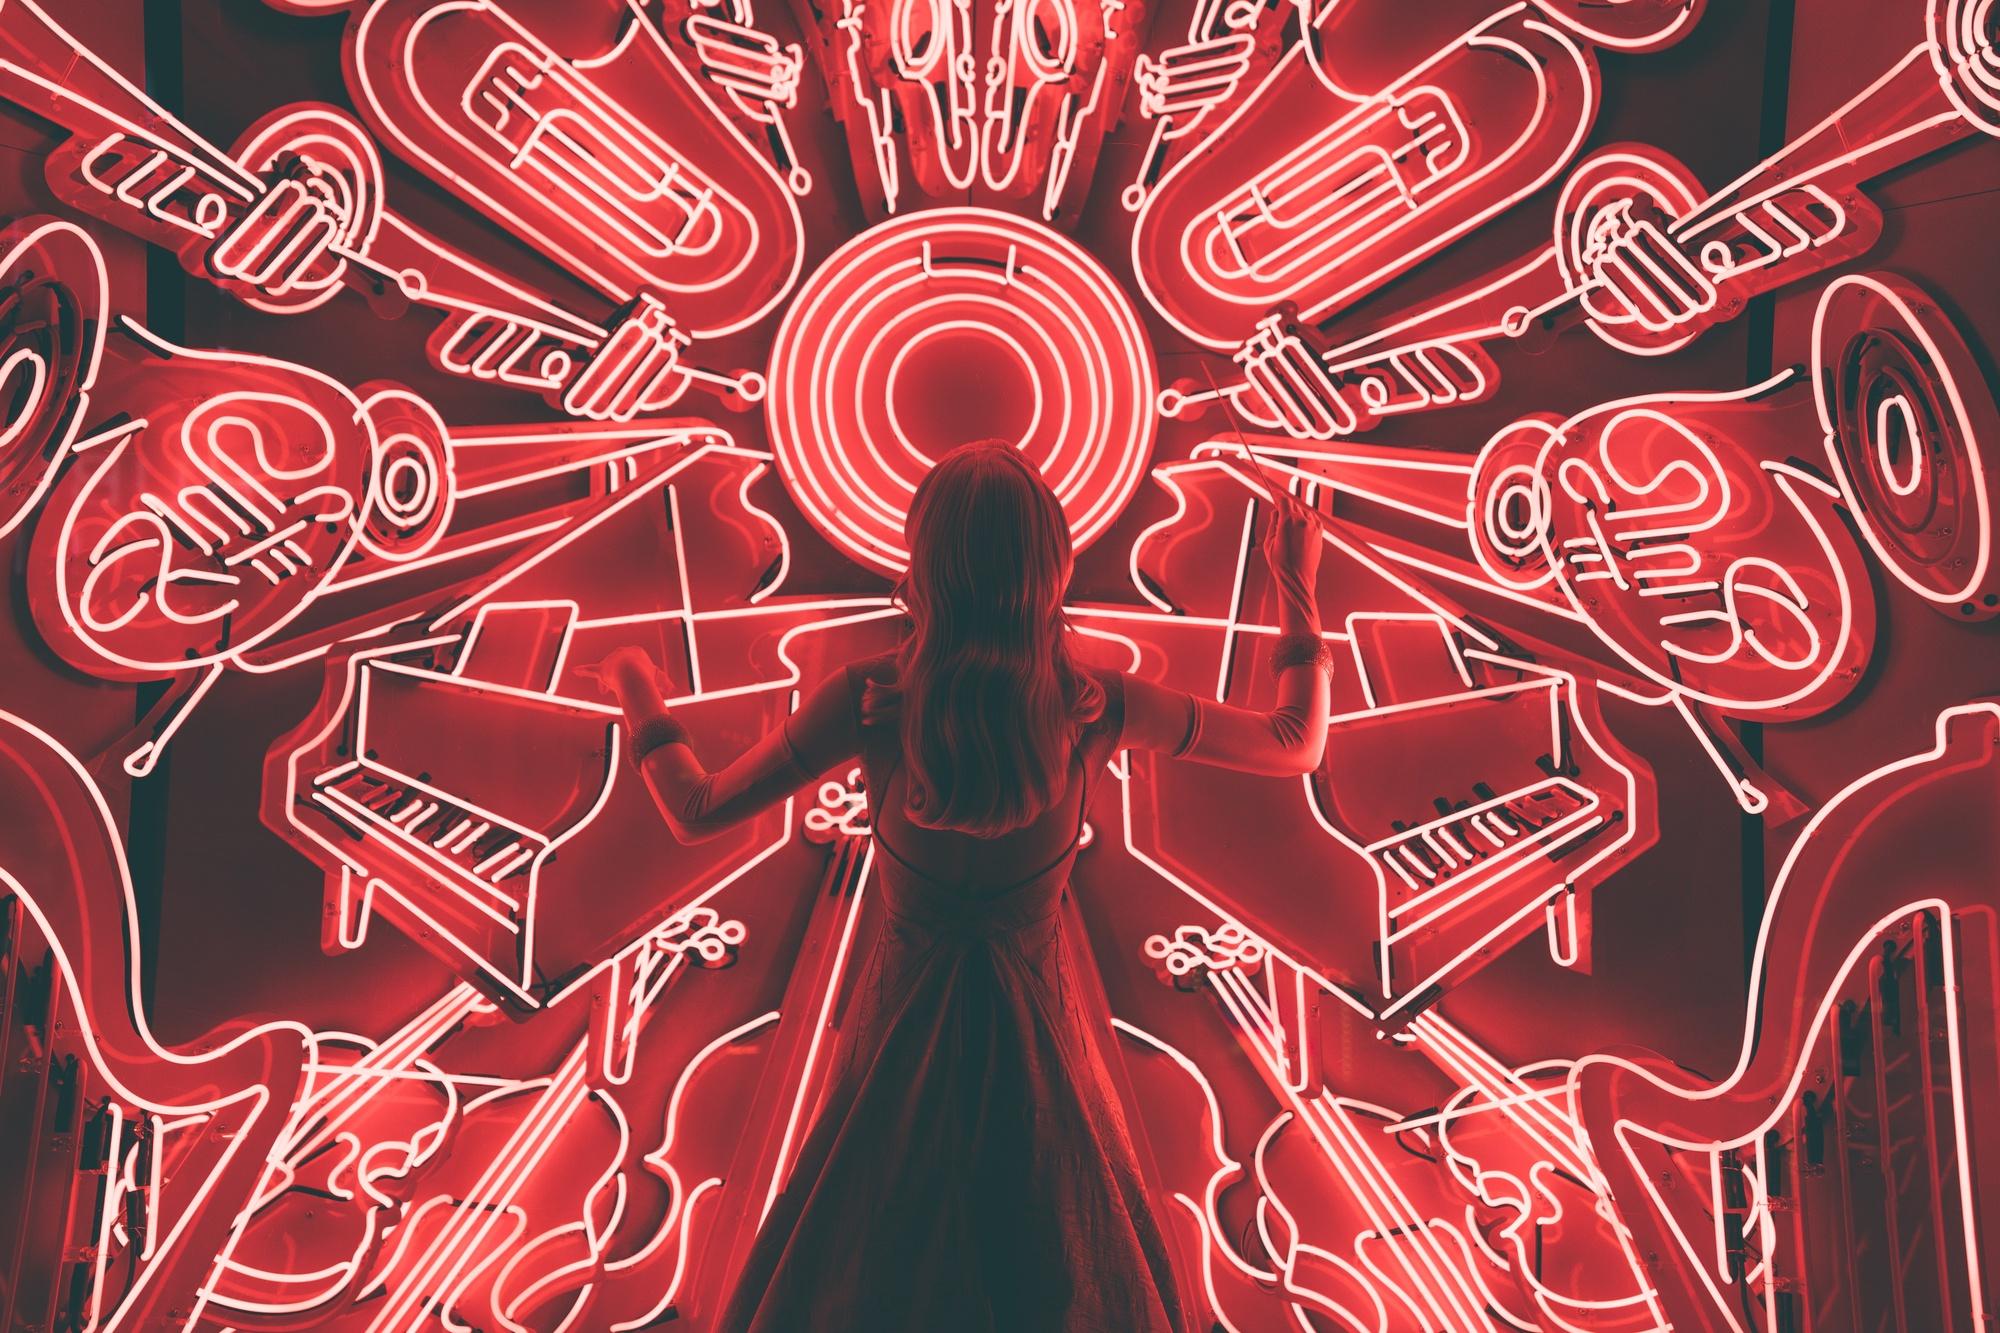 Как музыка влияет на наш мозг? Чем полезны Элджей и Моцарт?